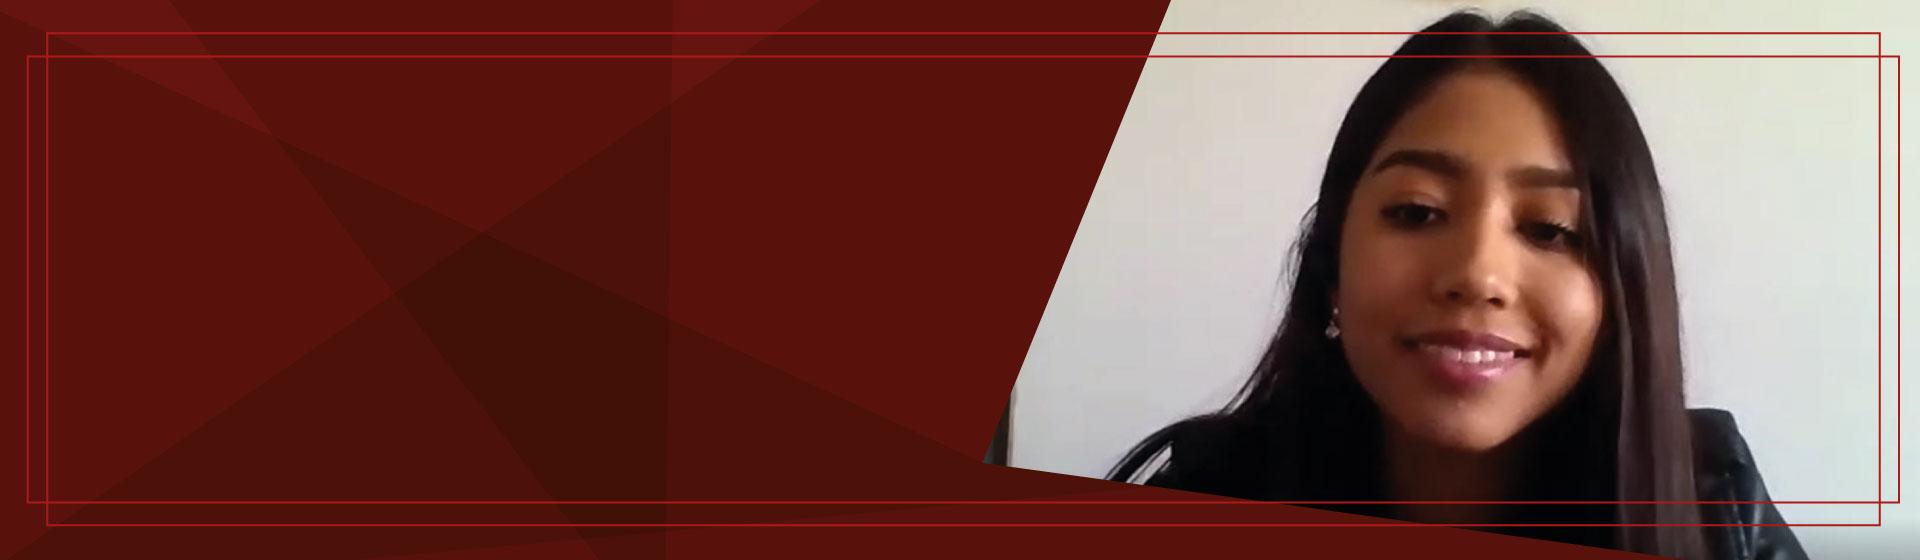 Sara Valentina Fajardo Higuera, ganadora del Concurso Ensayo y Podcast Germán Cavelier 2020-2